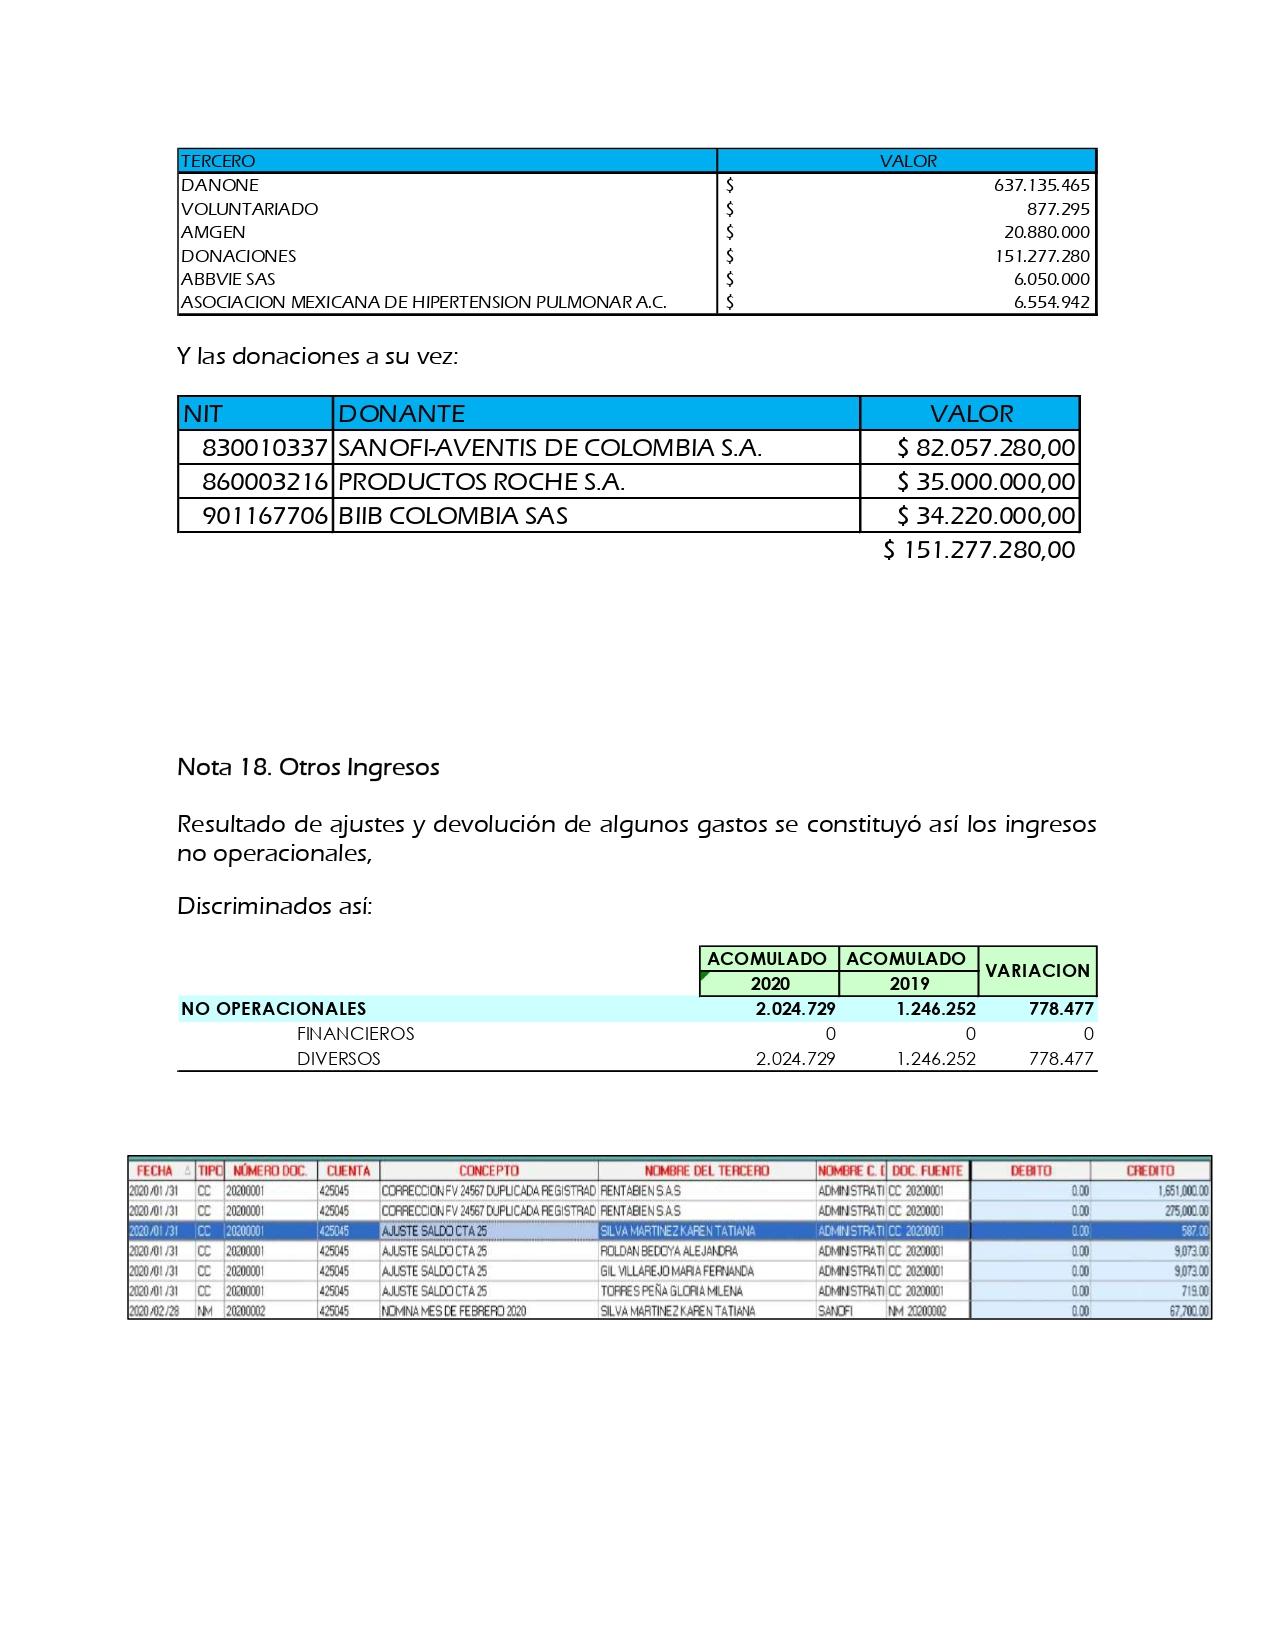 Estados Financieros Fundacion Fundem 2020_page-0032